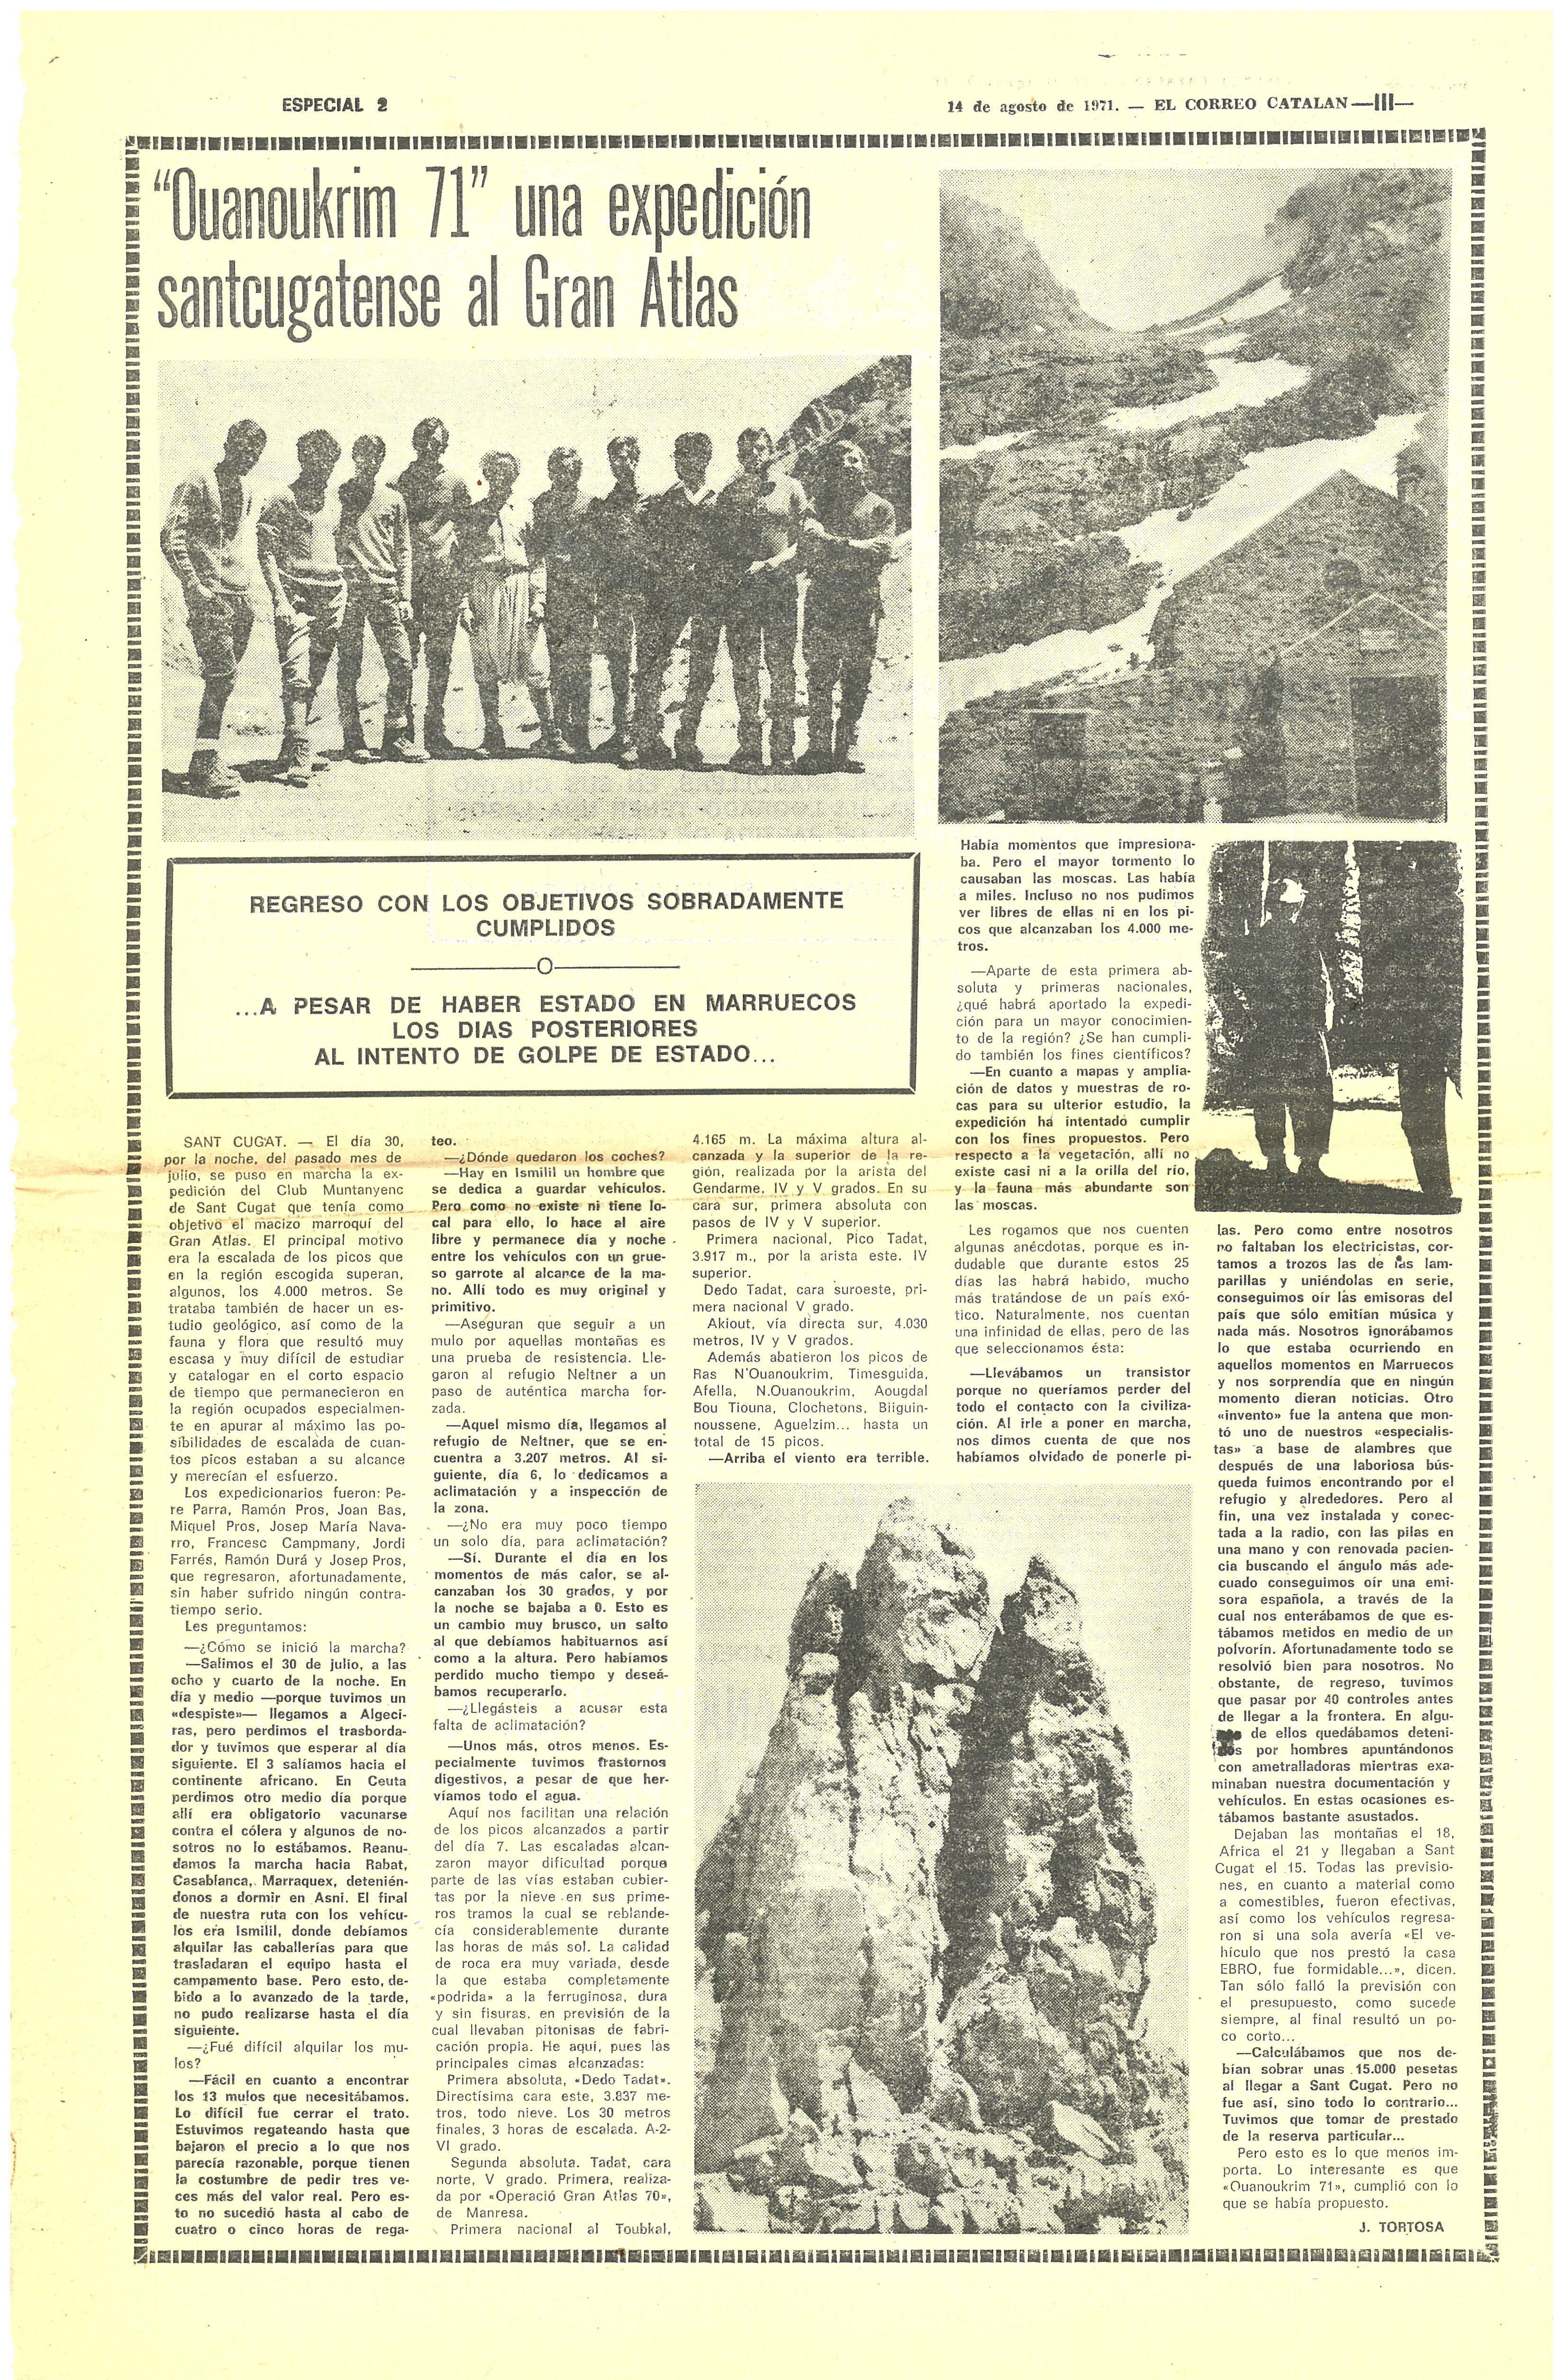 """Pàgina del reportatge de l'expedició al diari """"El Correo Catalán"""" pel periodista santcugatenc, J. Tortosa."""